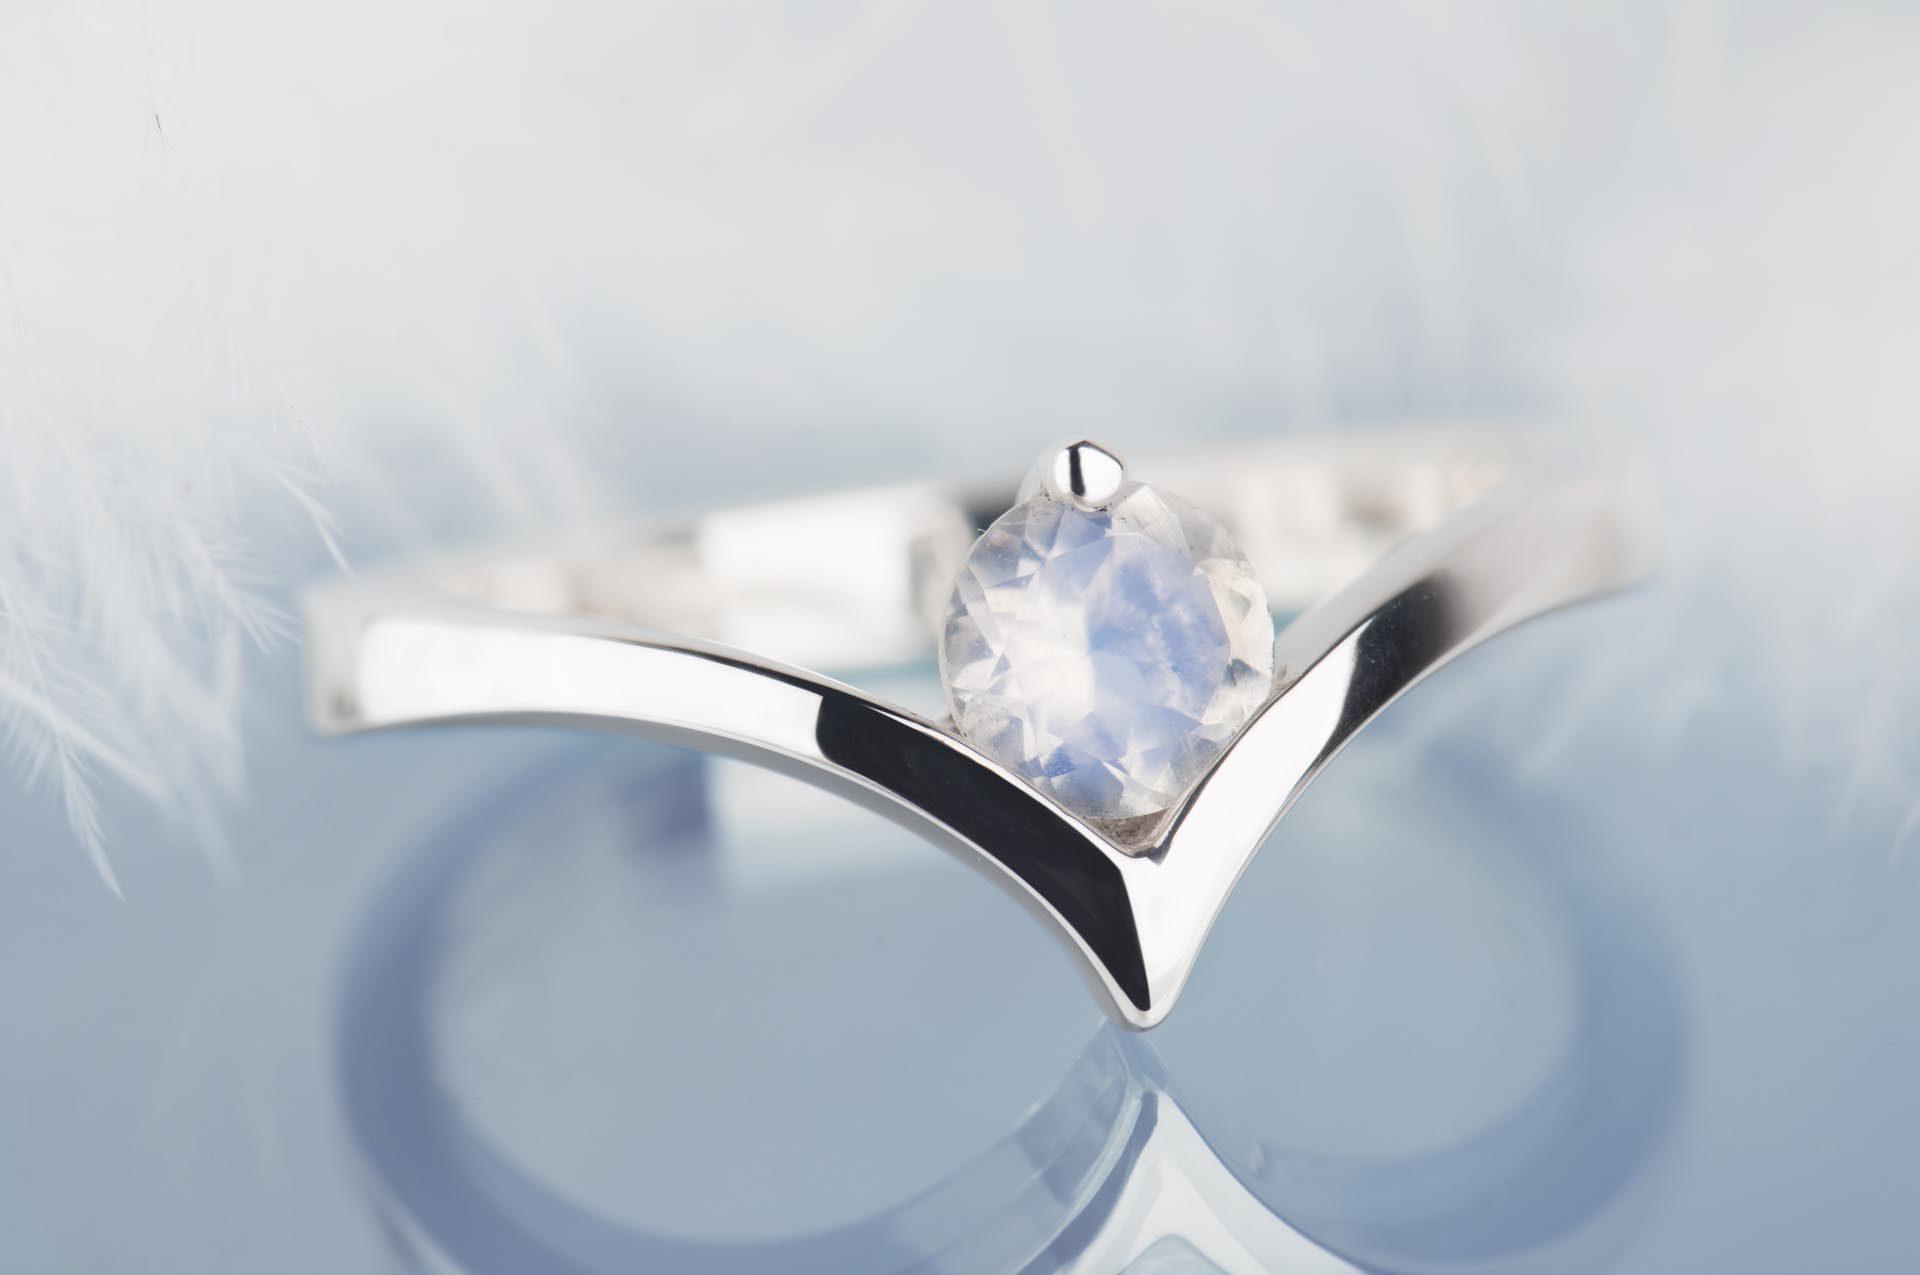 pierścinek zesrebra zkamieniem księżycowym